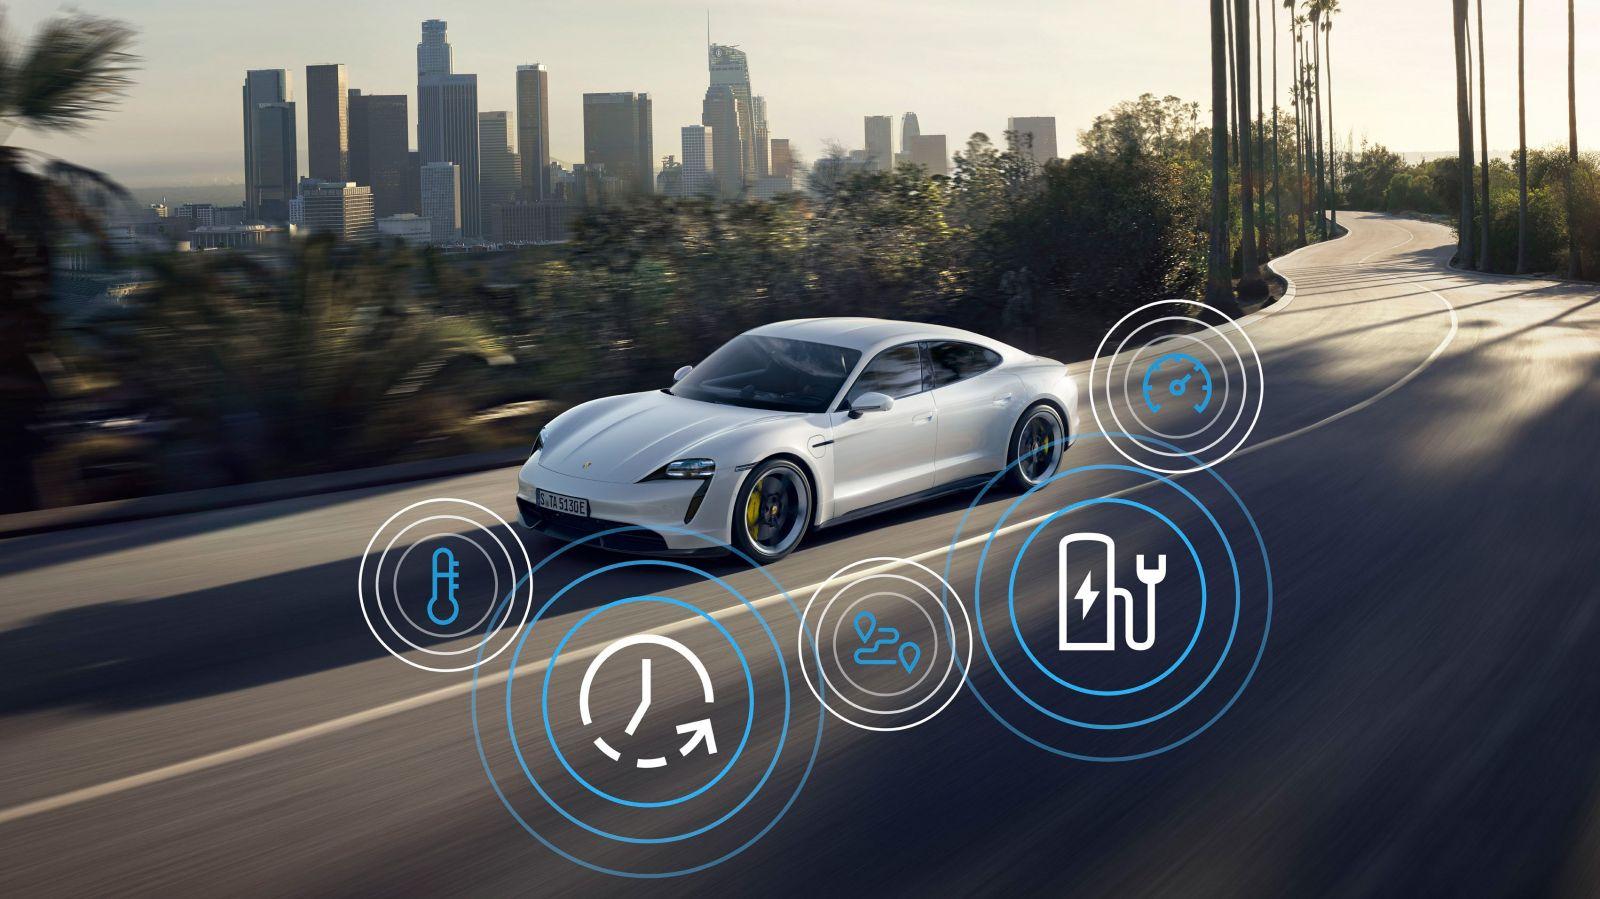 Porsche vylepšilo elektrický Taycan, ktorý je po novom ešte rýchlejší a inteligentnejší